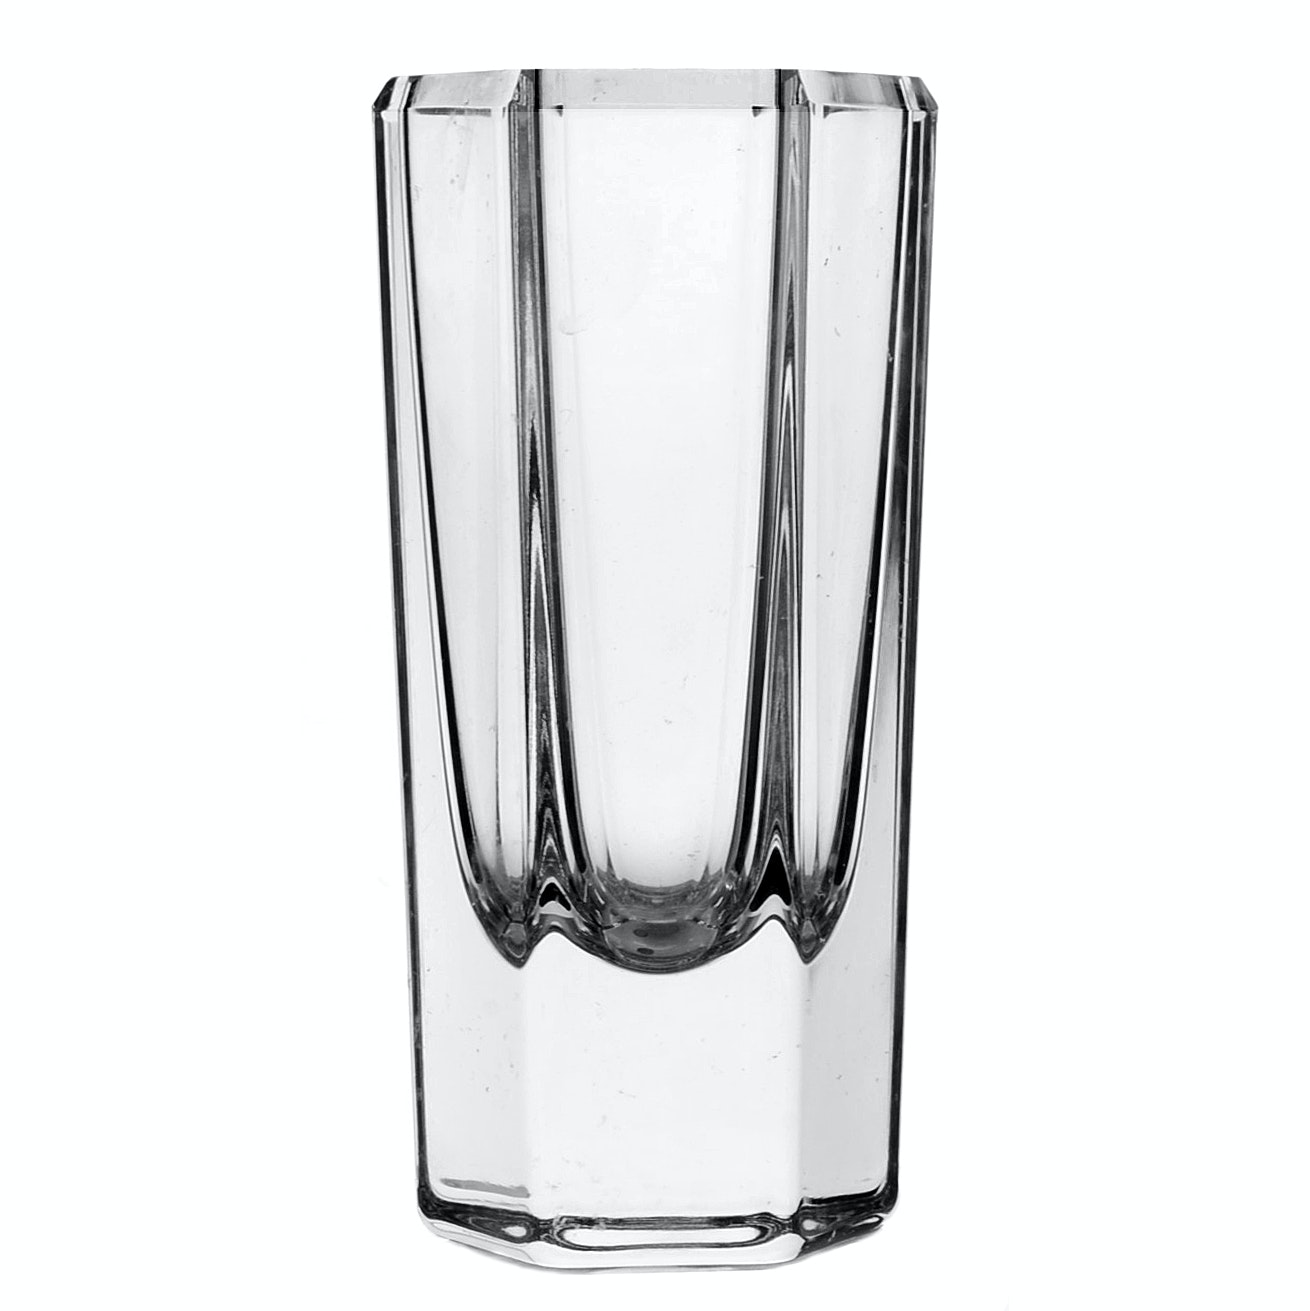 Kosta Bode Edenfalk Six Sided Crystal Vase